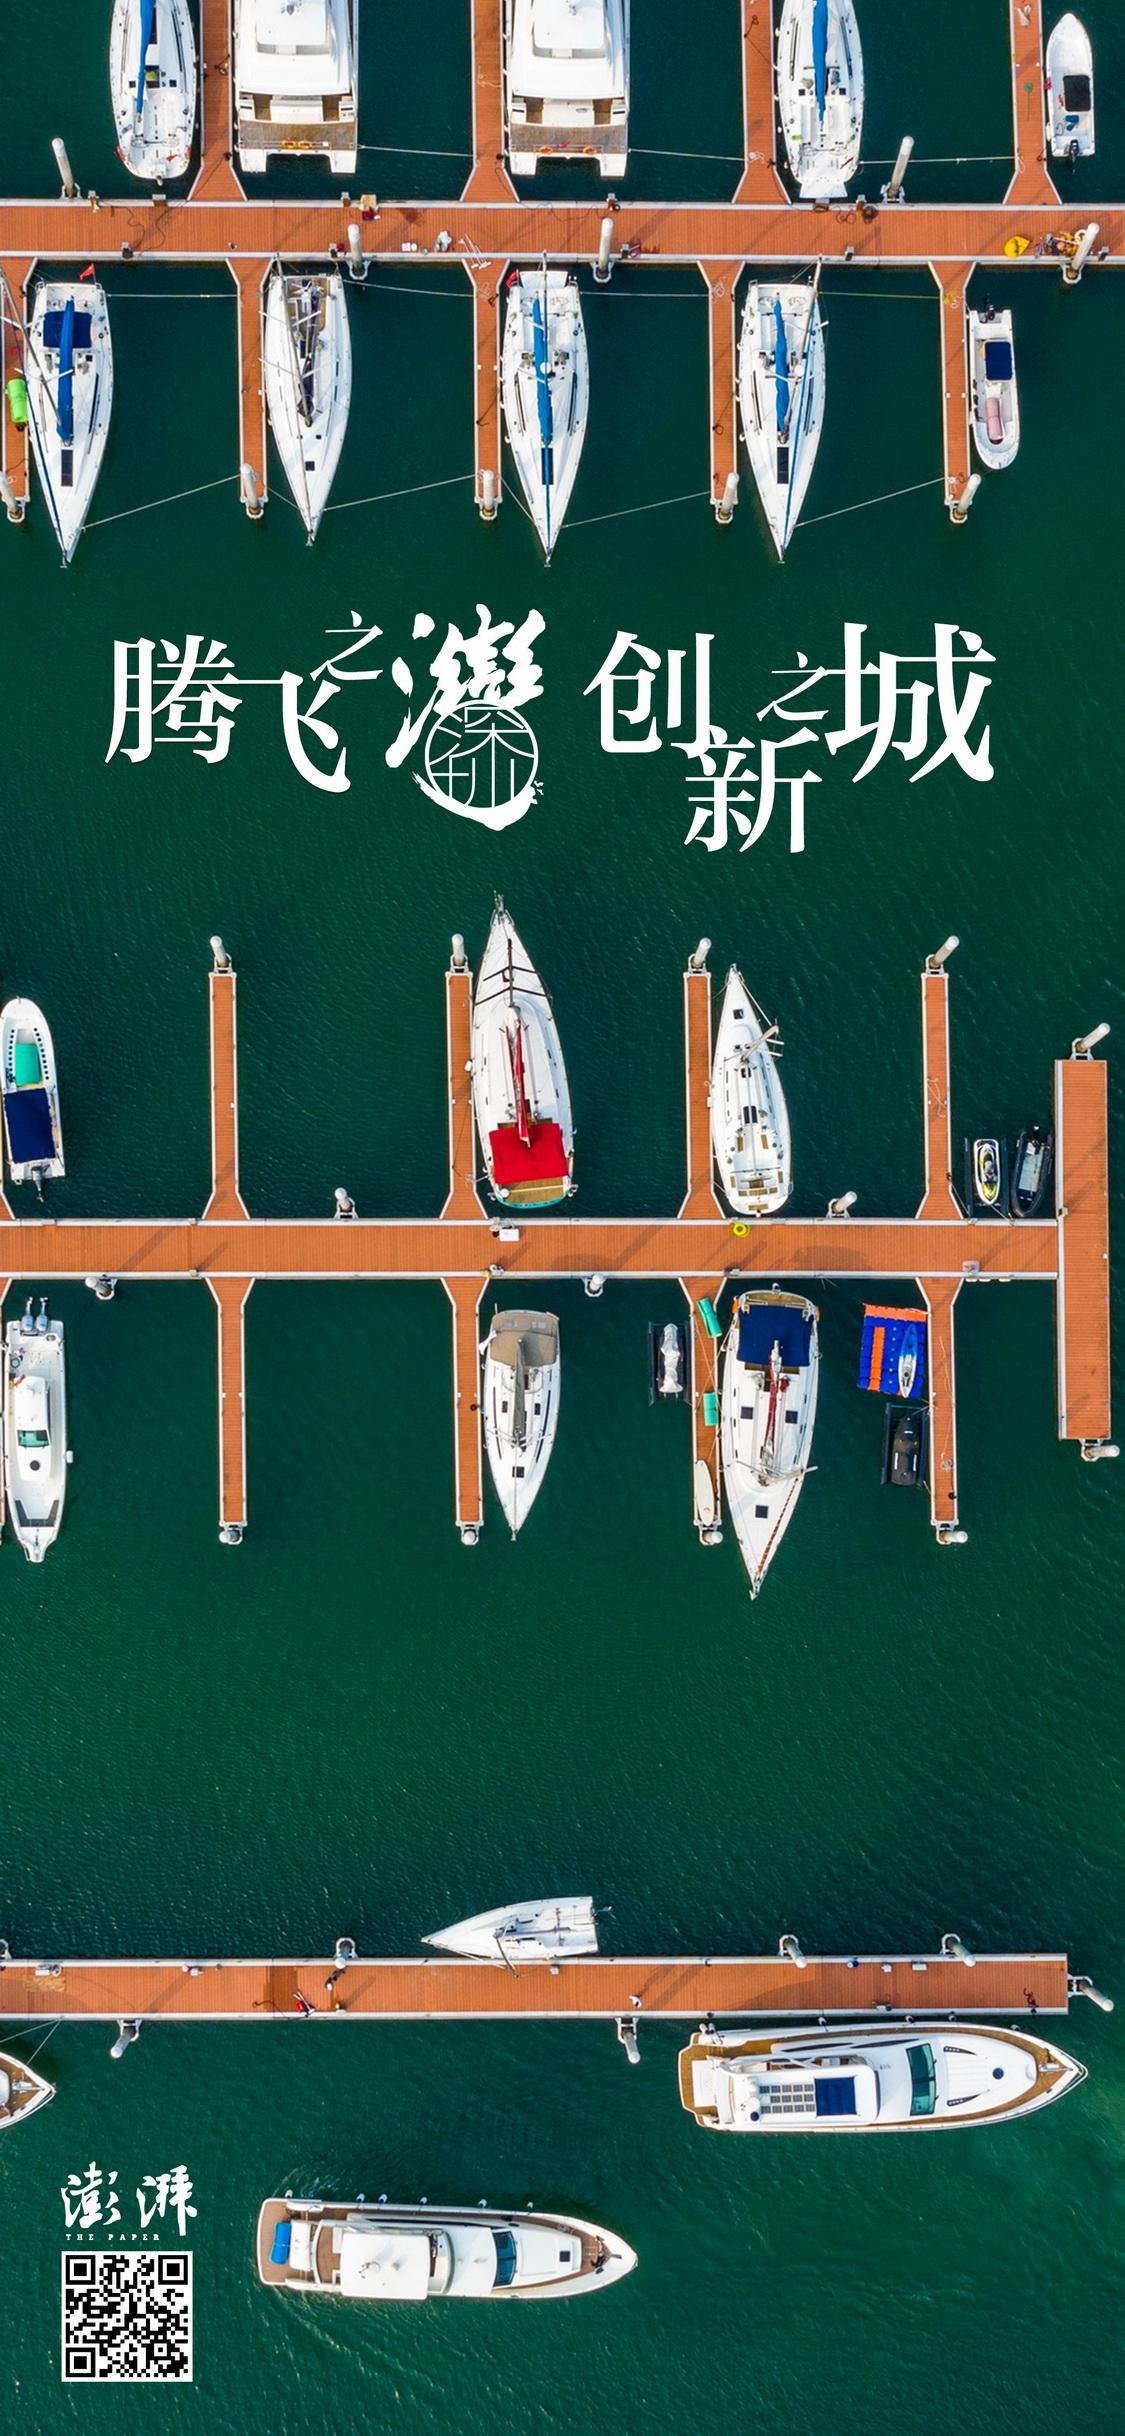 深圳:腾飞之湾,创新之城